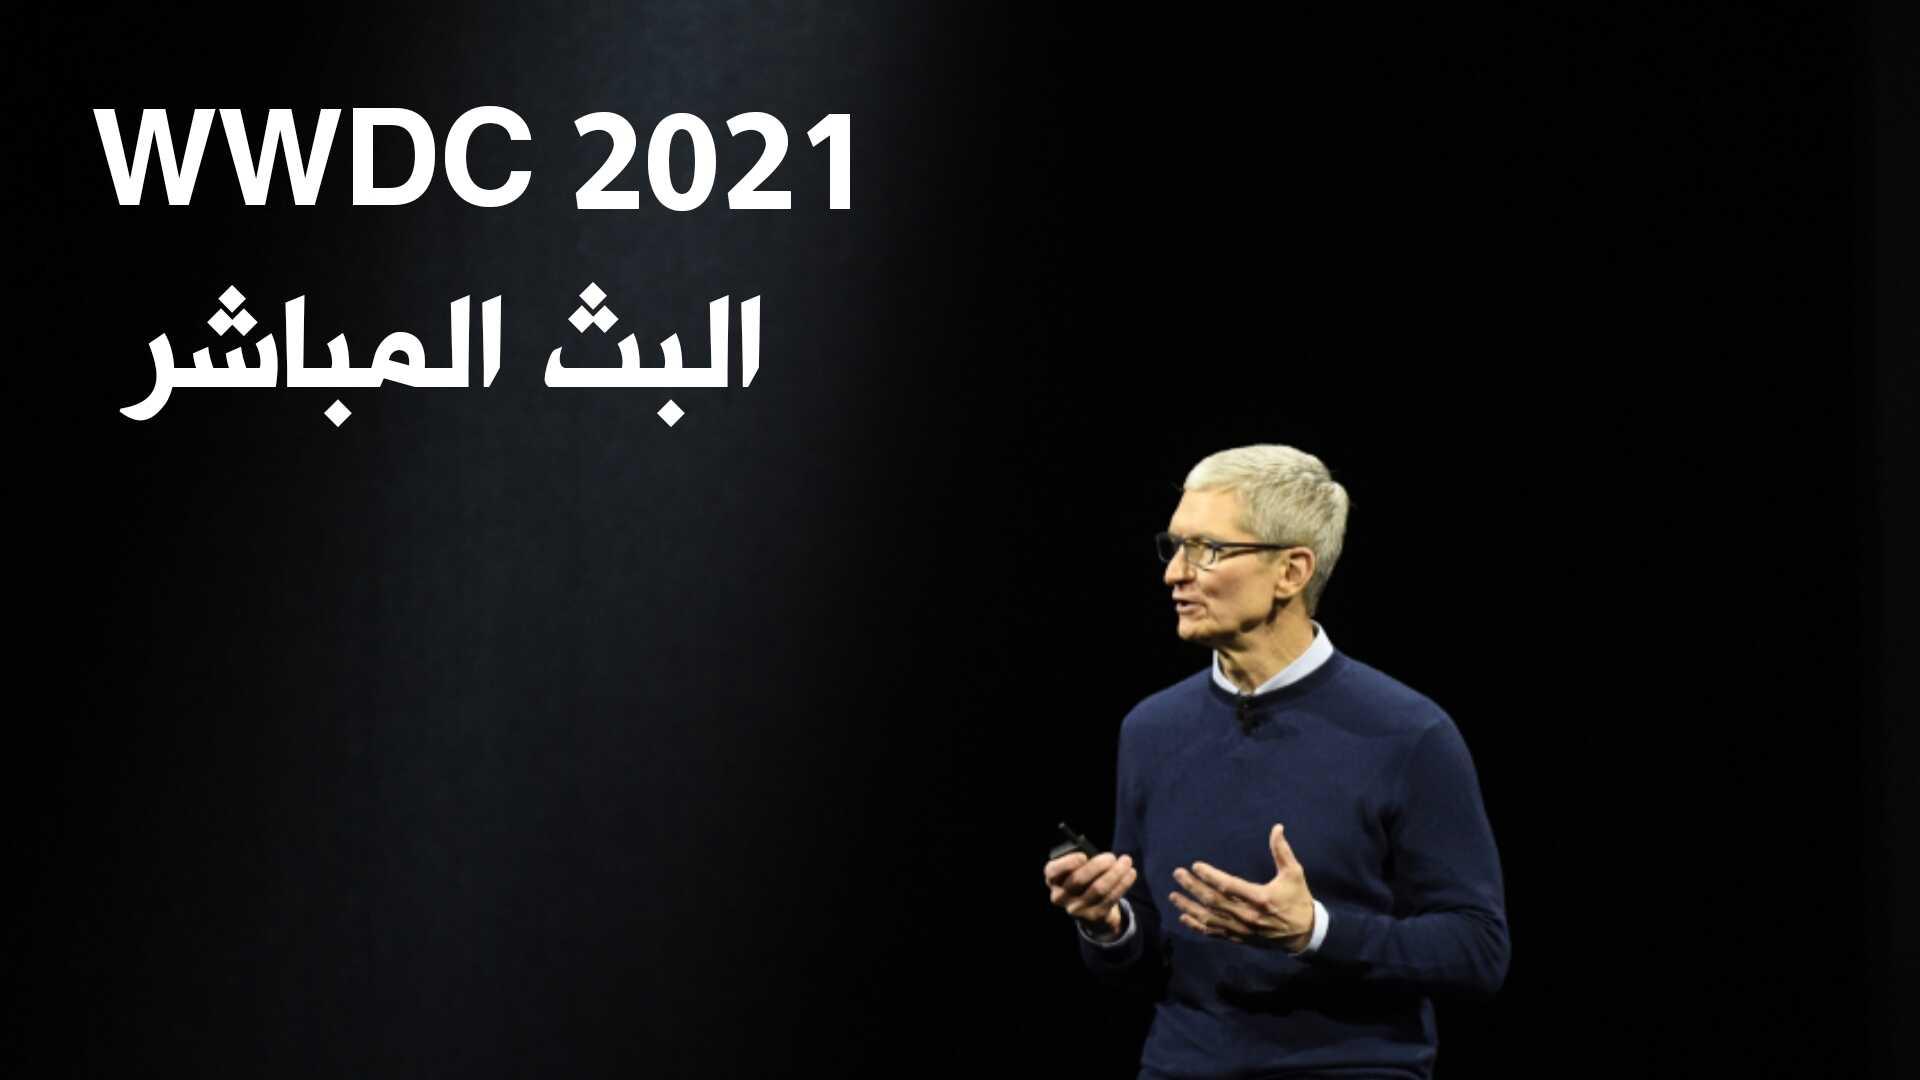 رابط البث المباشر لـ WWDC من شركة Apple